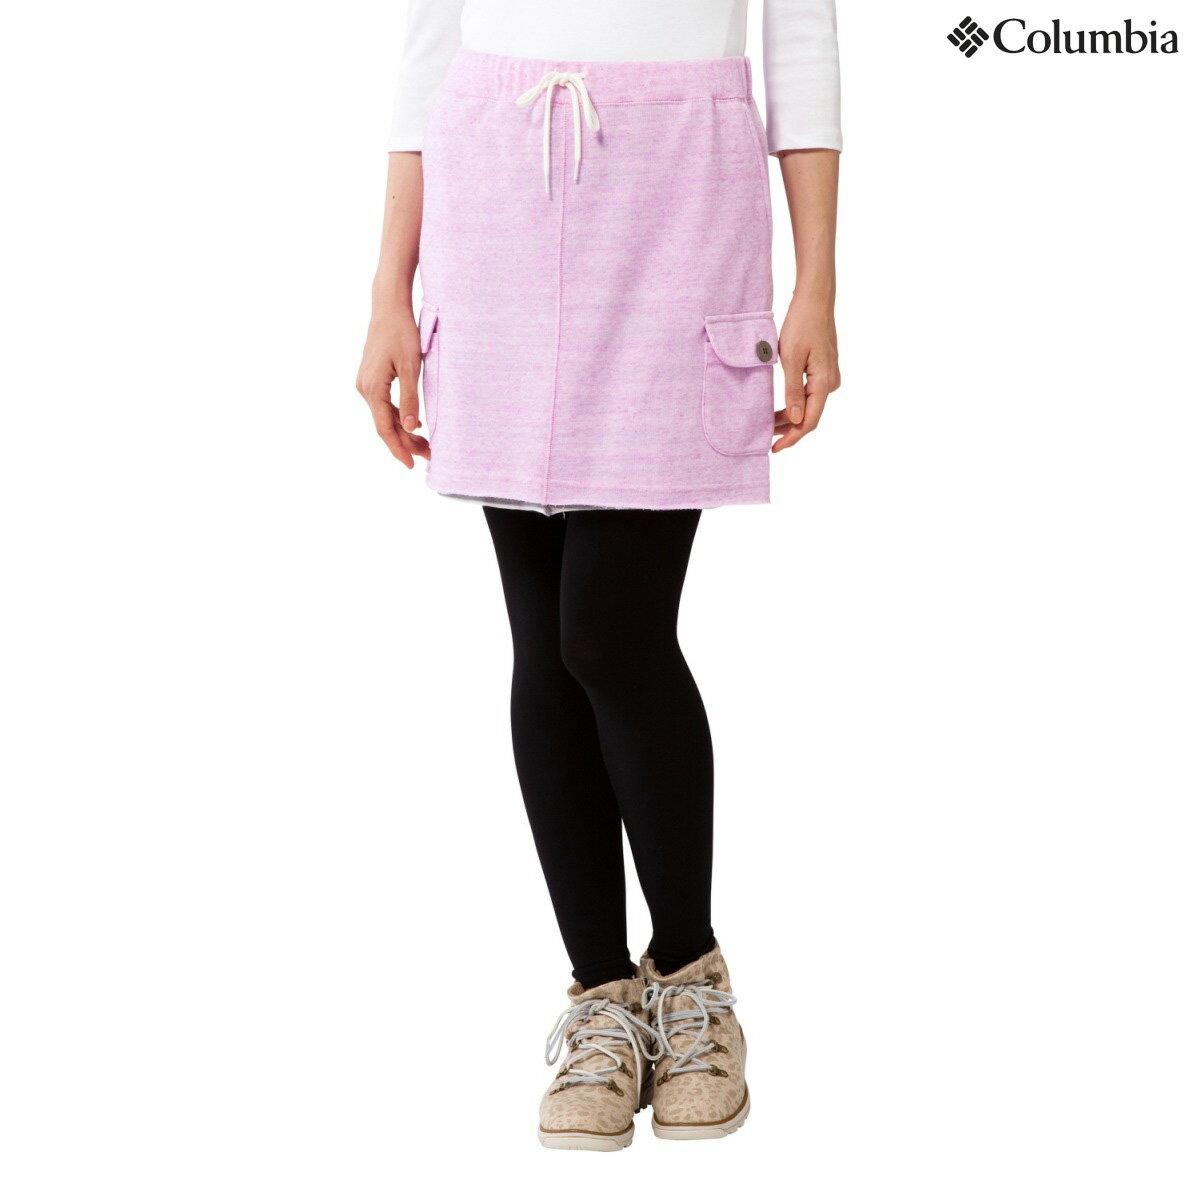 Columbia コロンビア /PL5777】【Coastal BLVD Women's Skirt/コースタルブルバードウィメンズスカート(レディース)】【リバーシブルスカート/ボトムス】【レターパック360対応】【2015ss】【SALE】